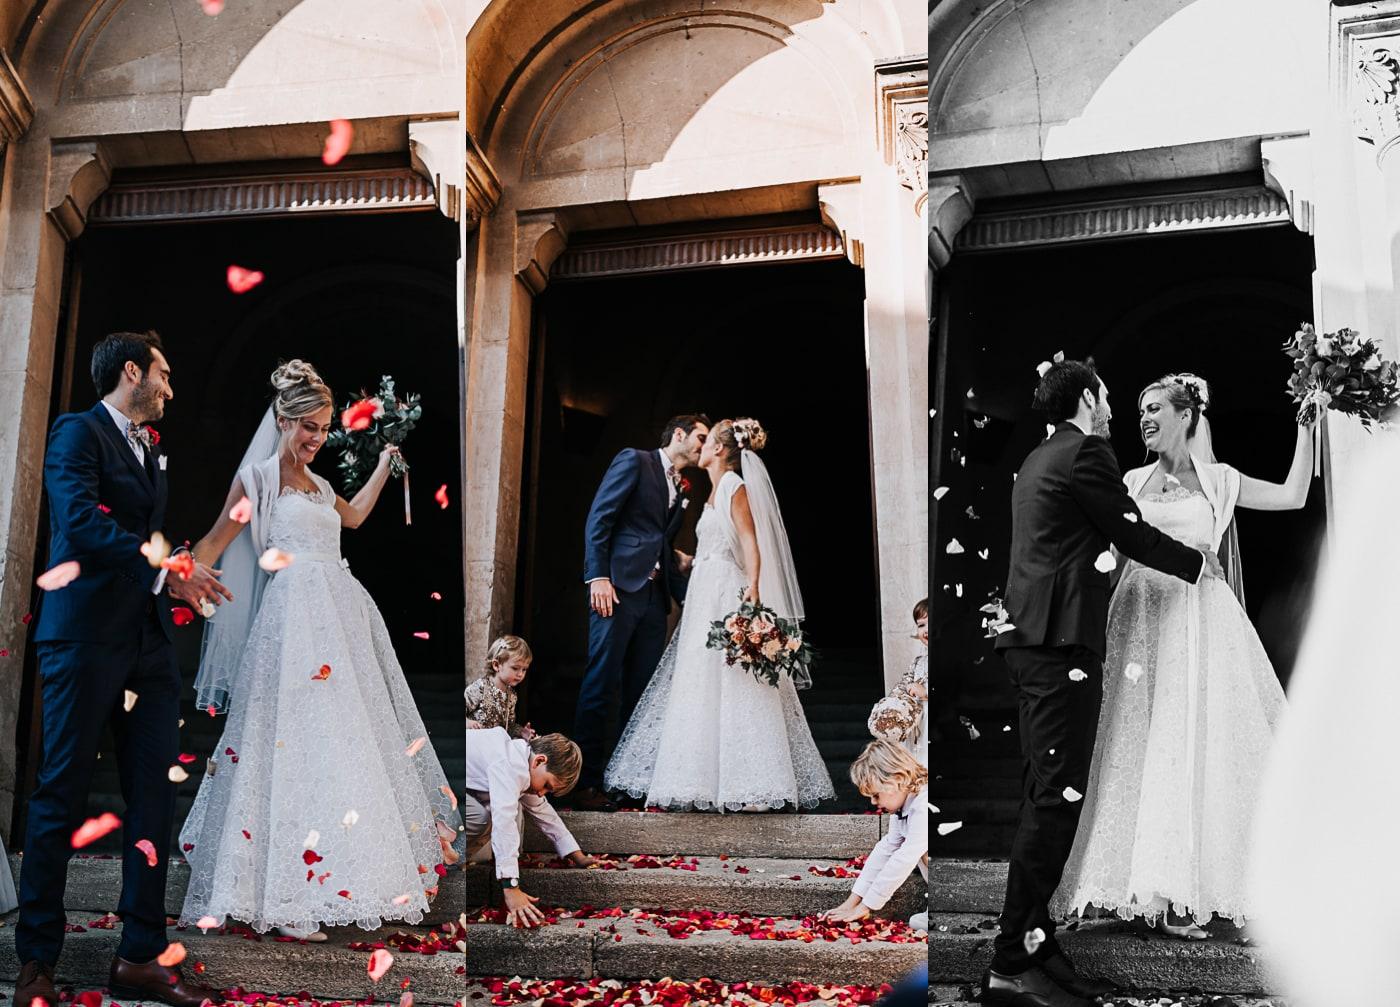 Triptique mariage-sortie de cérémonie religieuse à Chateauneuf du Pape-Delphine Closse